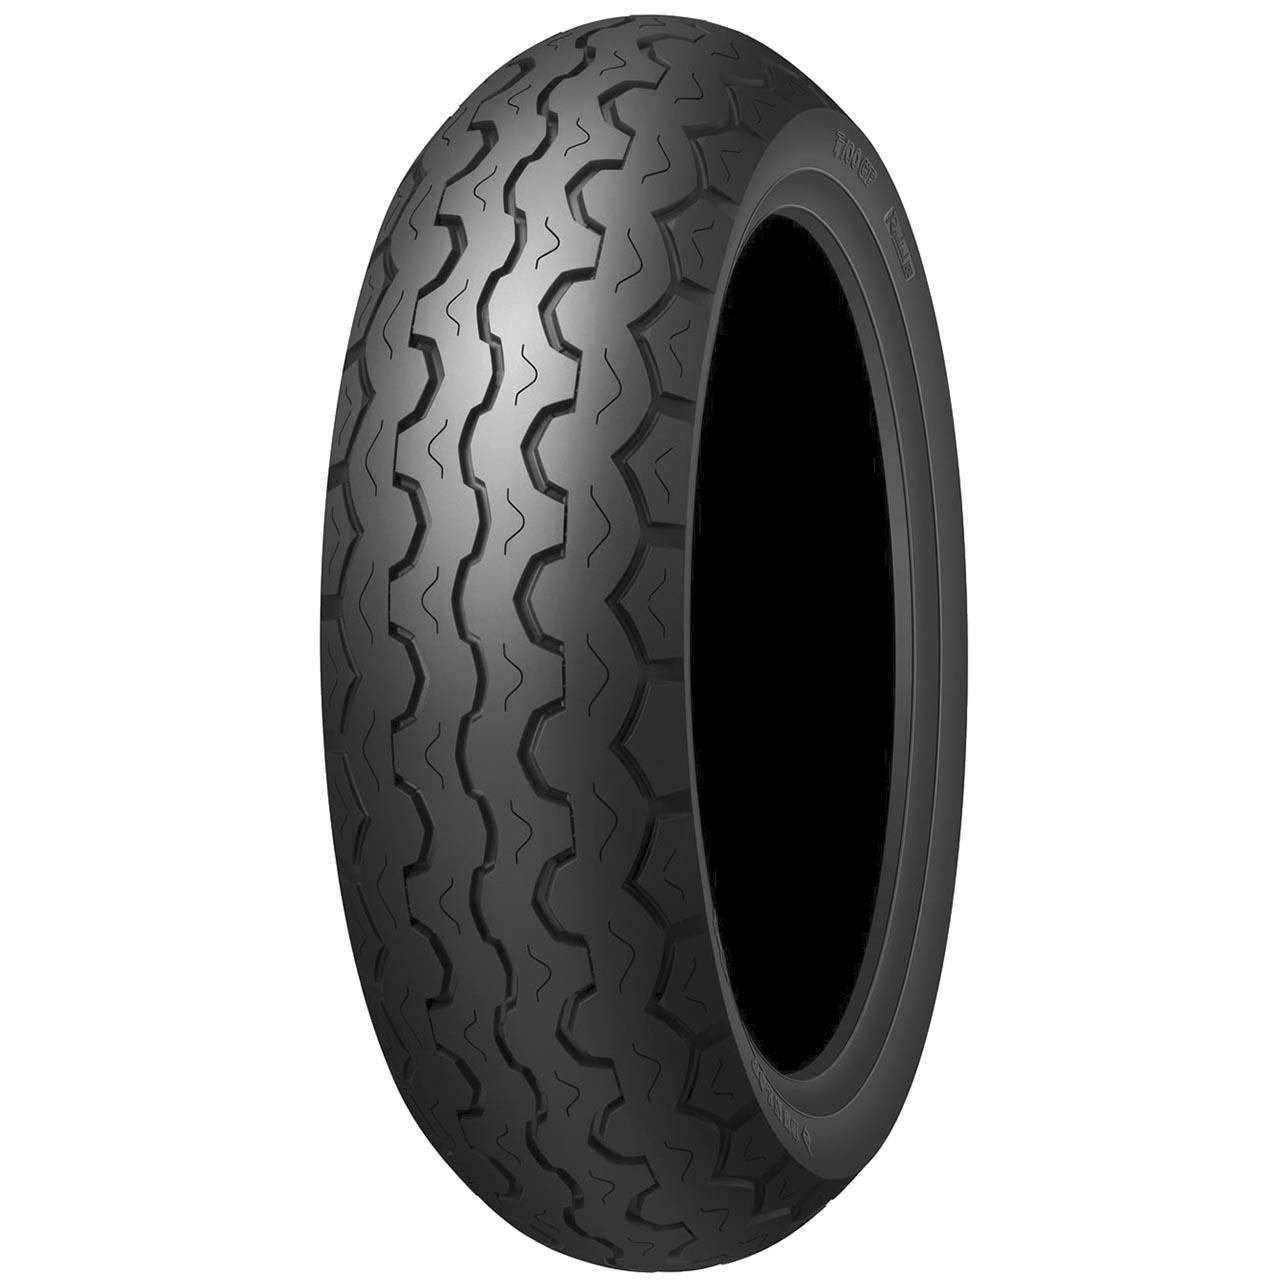 Dunlop TT 100 GP Rear 180/55ZR17 (73W) TL